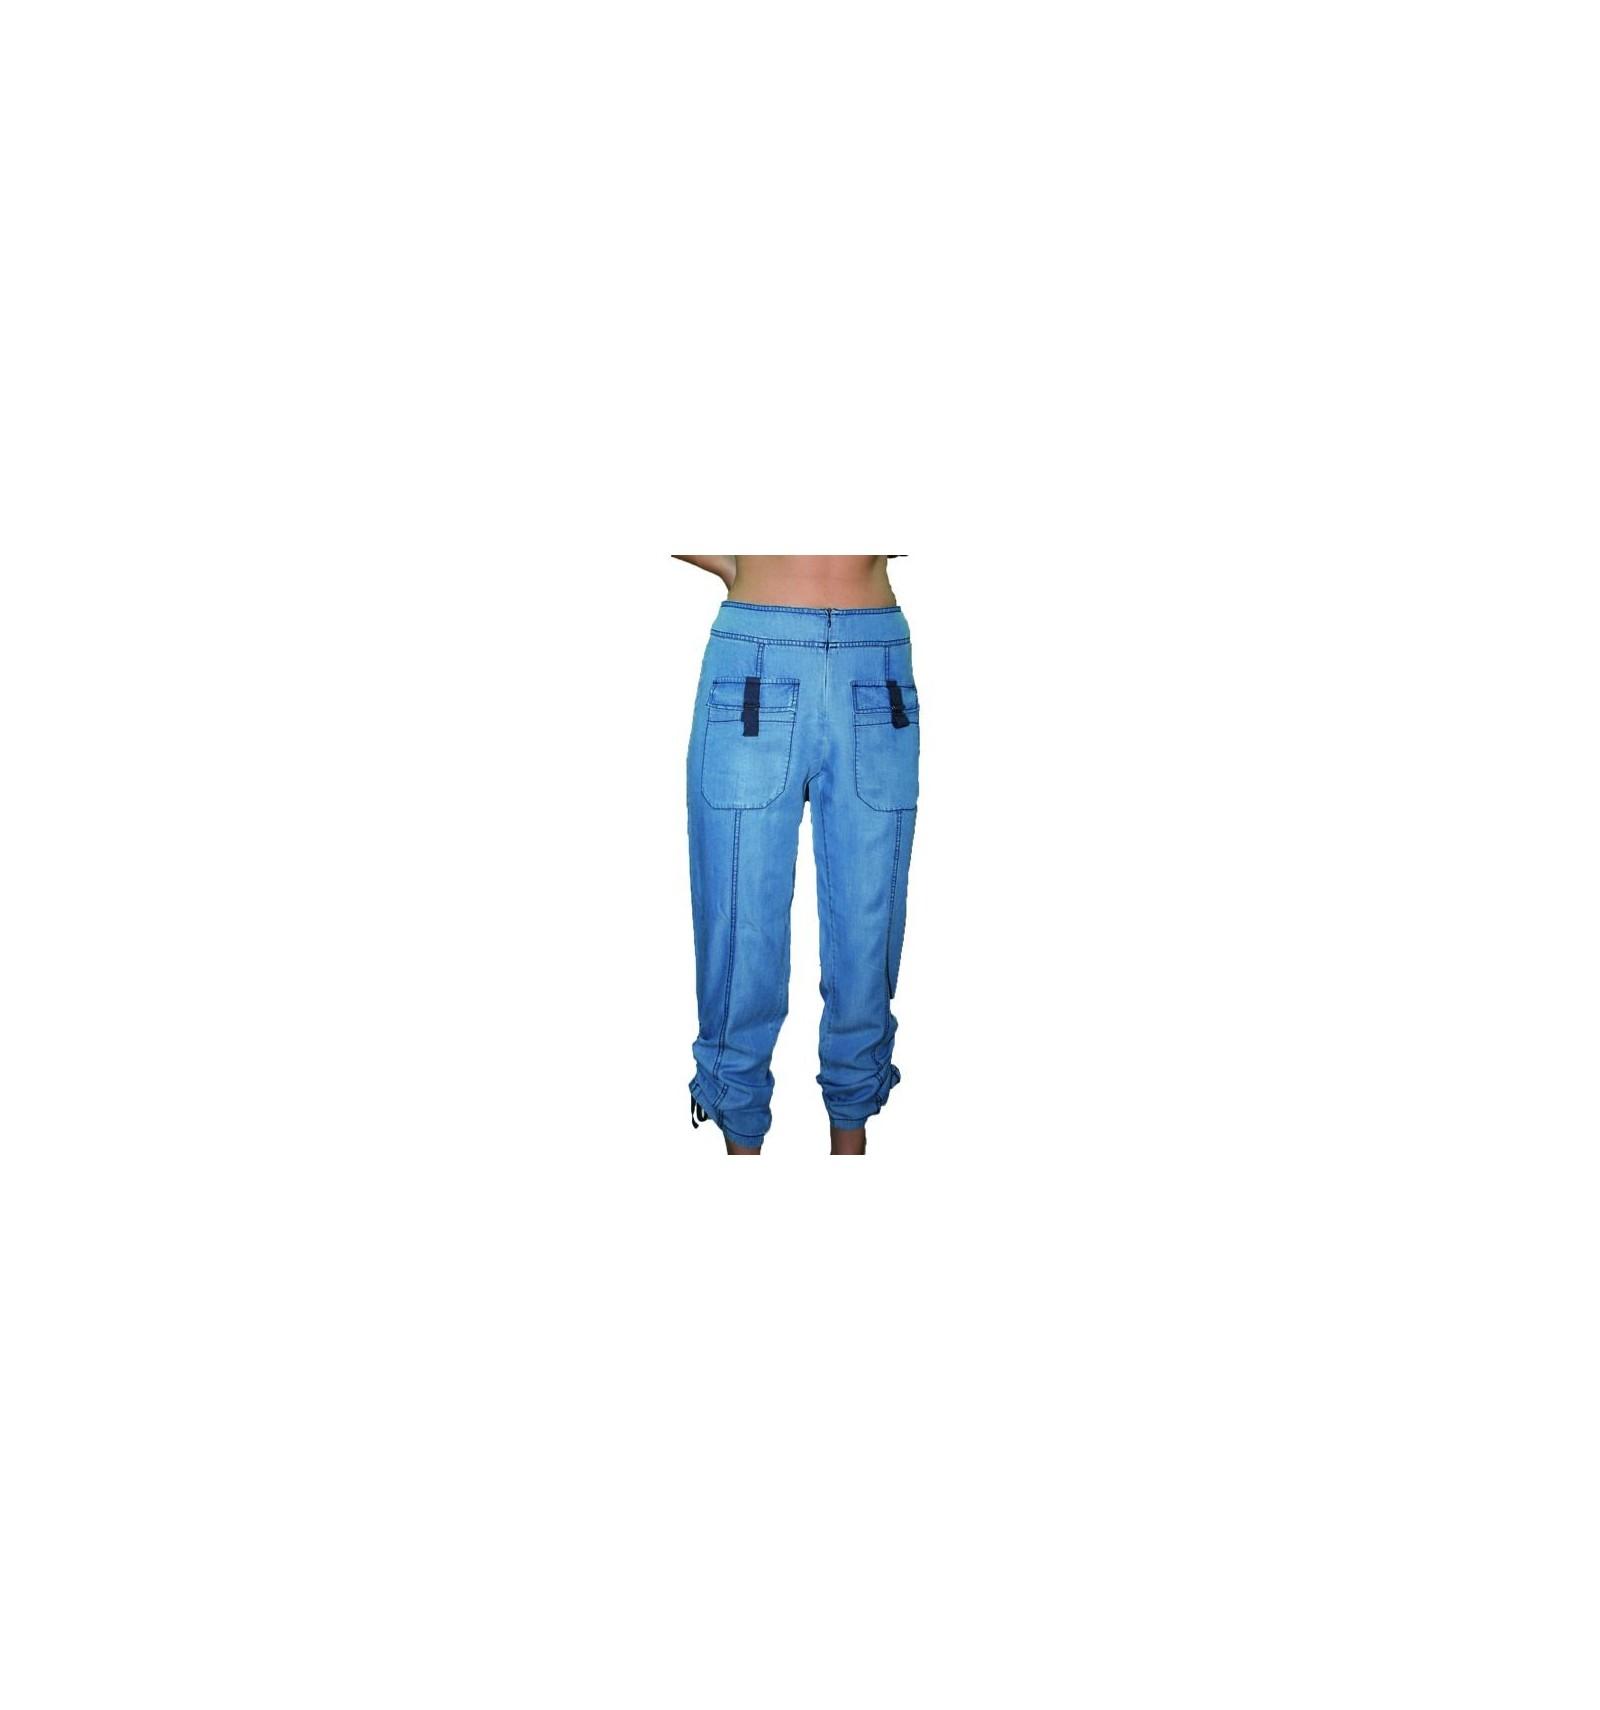 pantacourt femme en jeans maloka mode lin sp cialiste de la mode pour femme. Black Bedroom Furniture Sets. Home Design Ideas